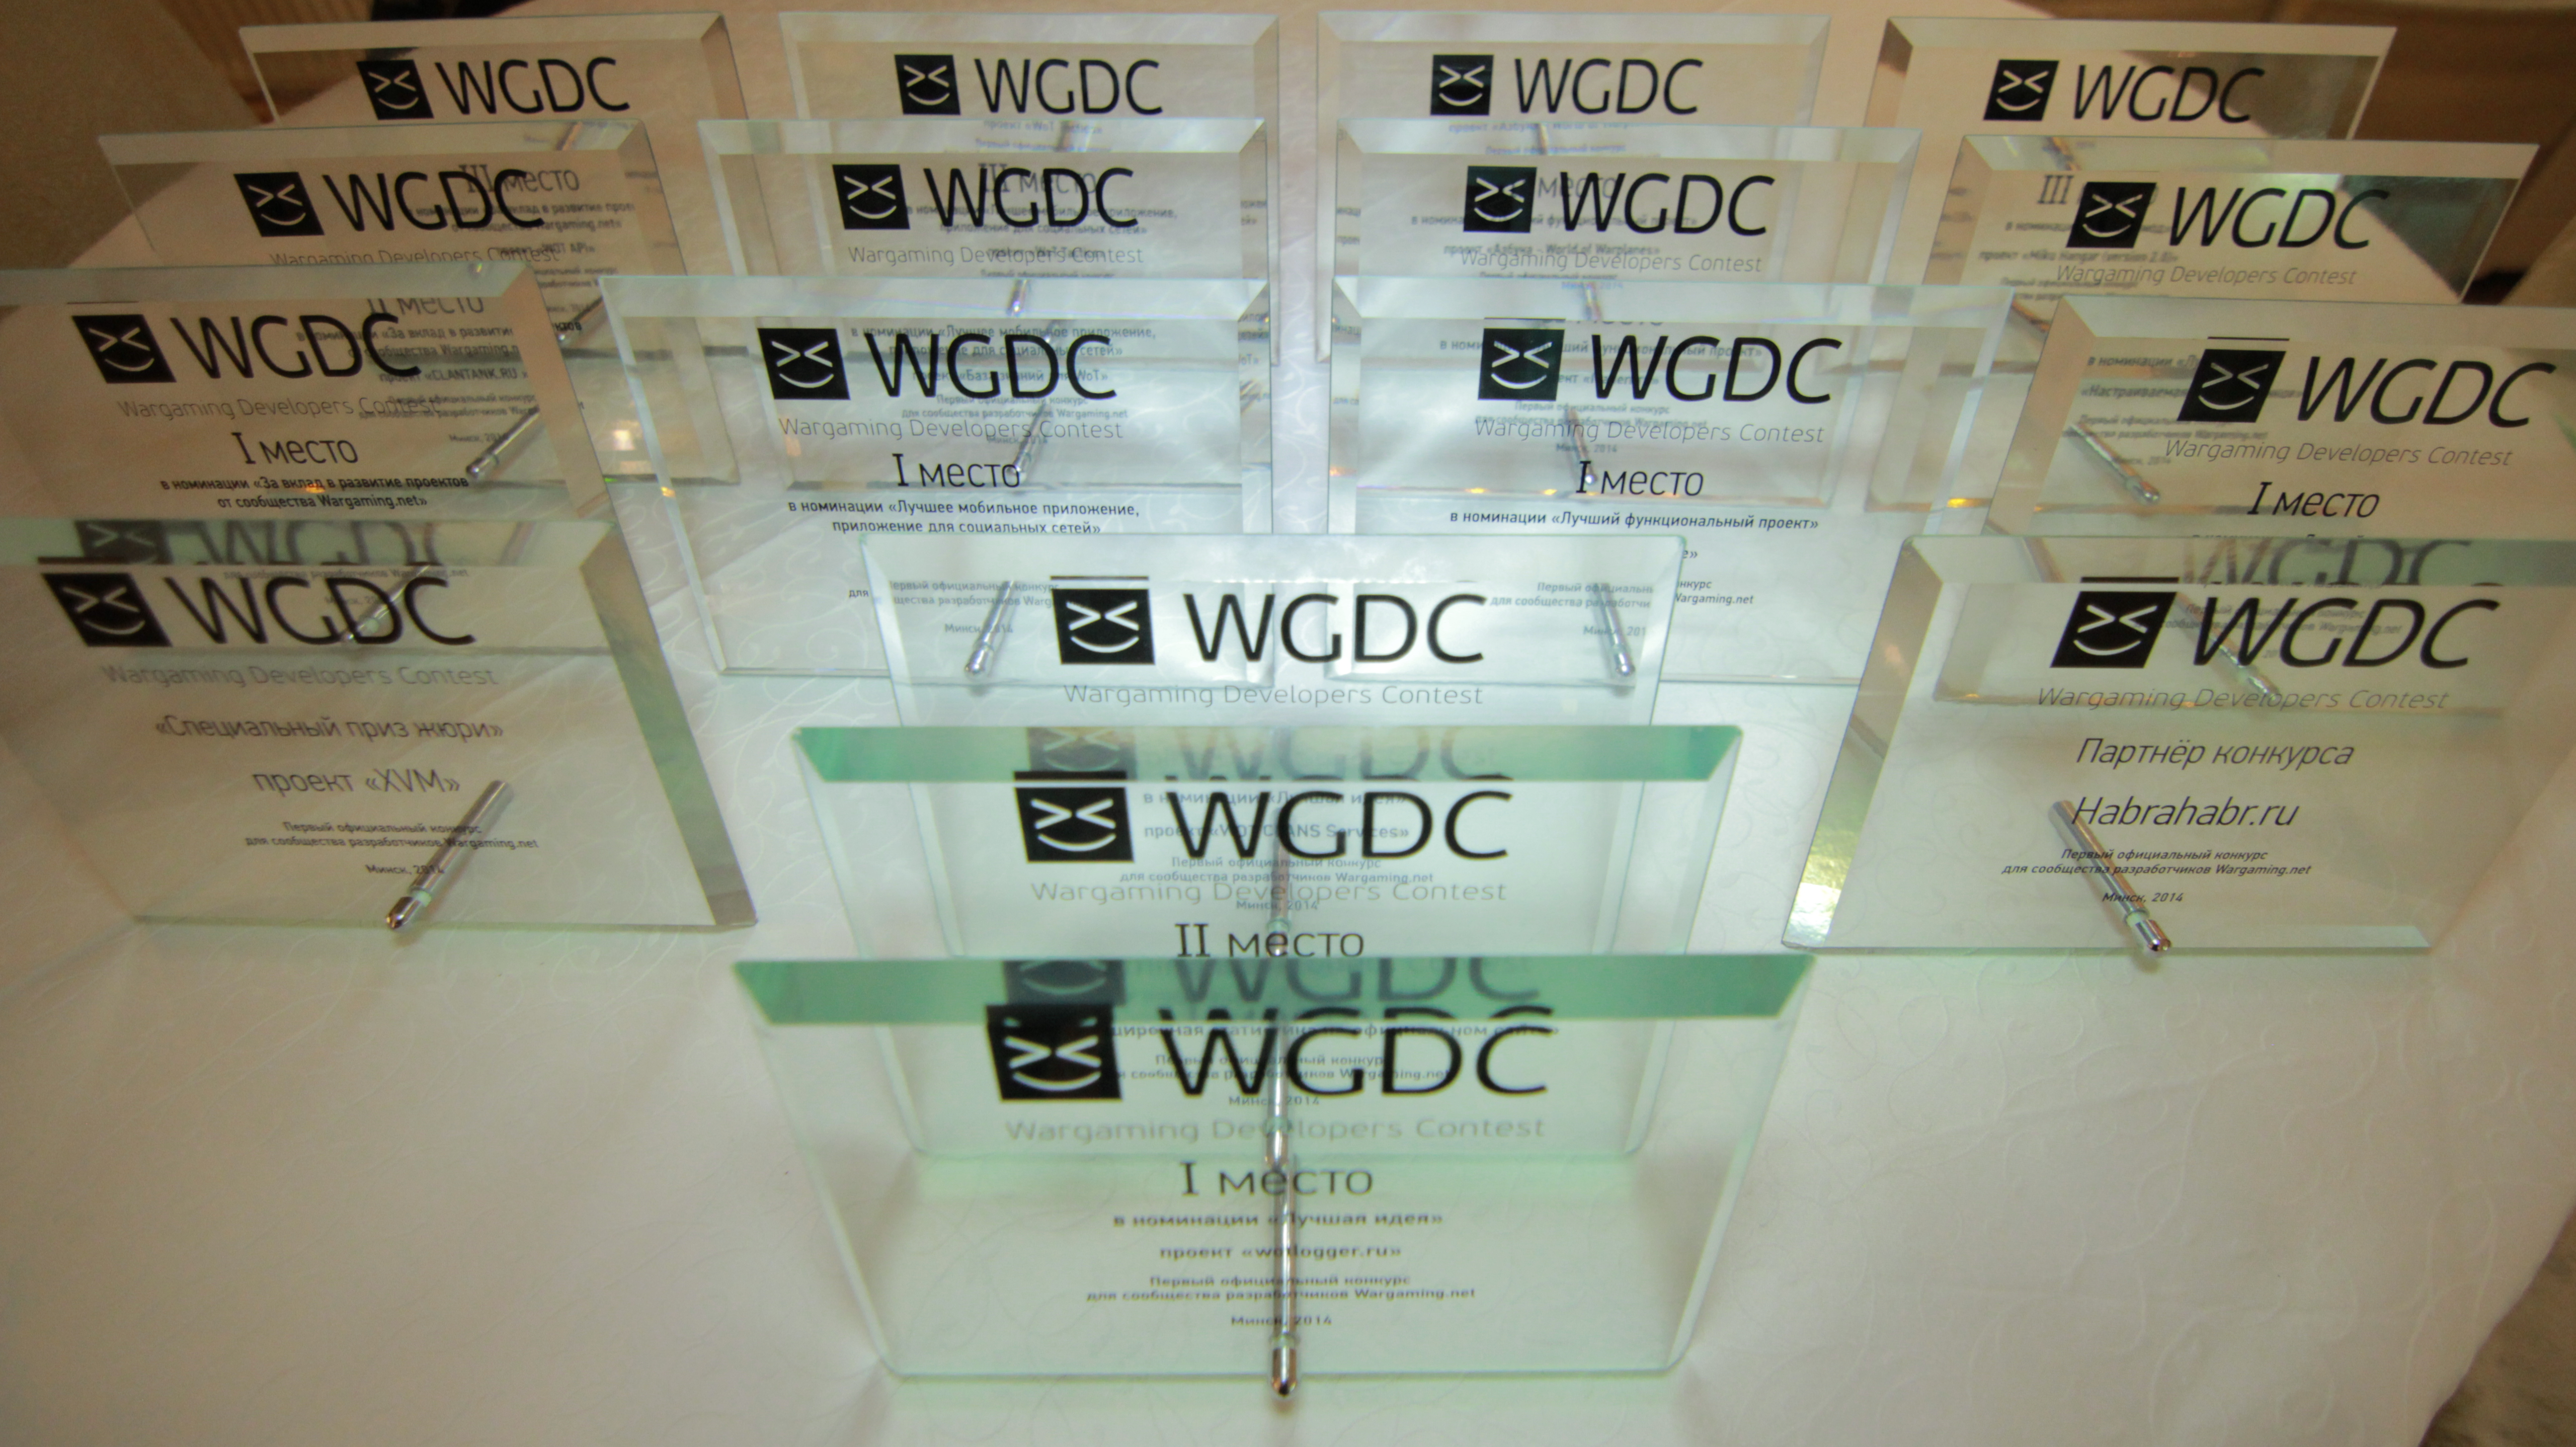 WGN_Photos_WGDC_Conference_Image_29